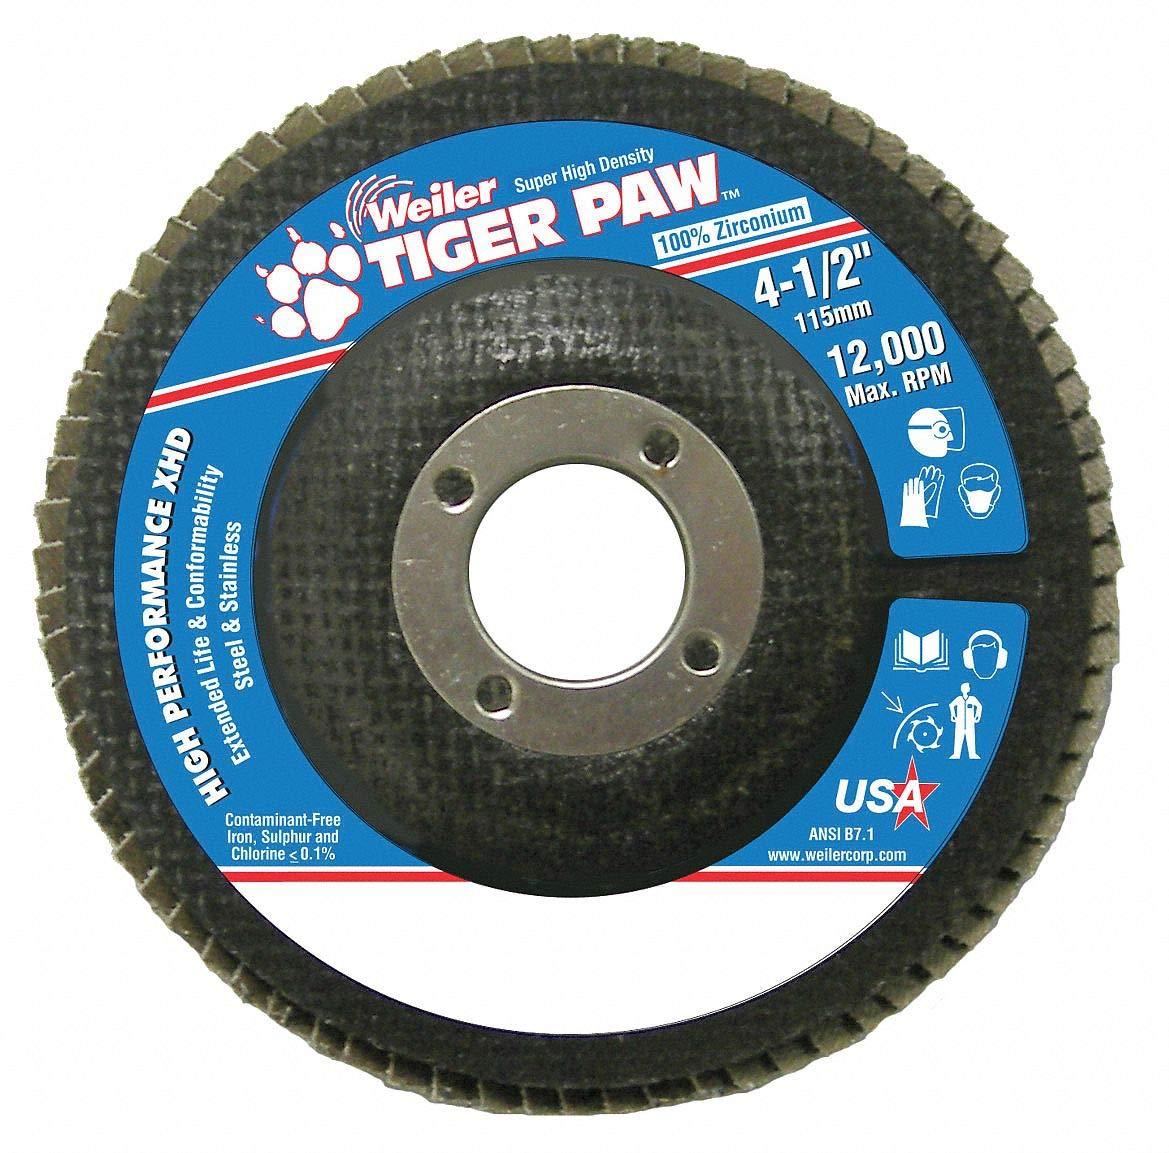 Abrasive Flap Disc, Medium, 4-1/2 in.